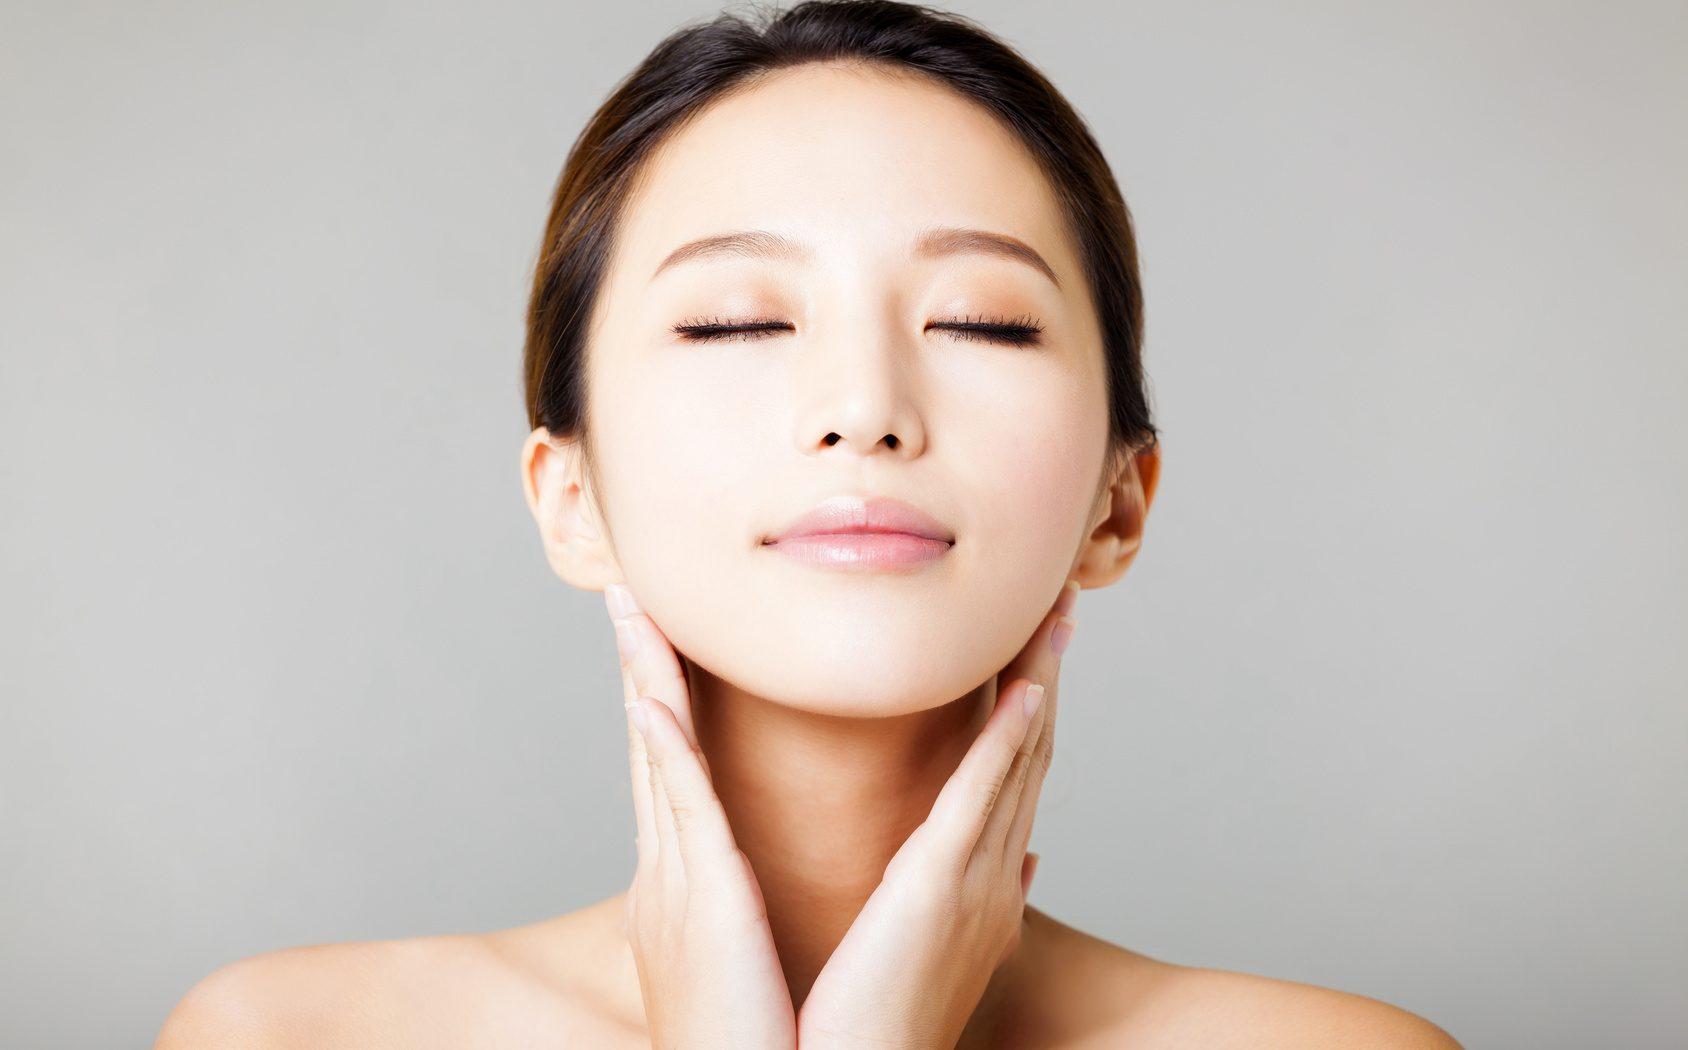 美白化粧品でメラニンを減らす